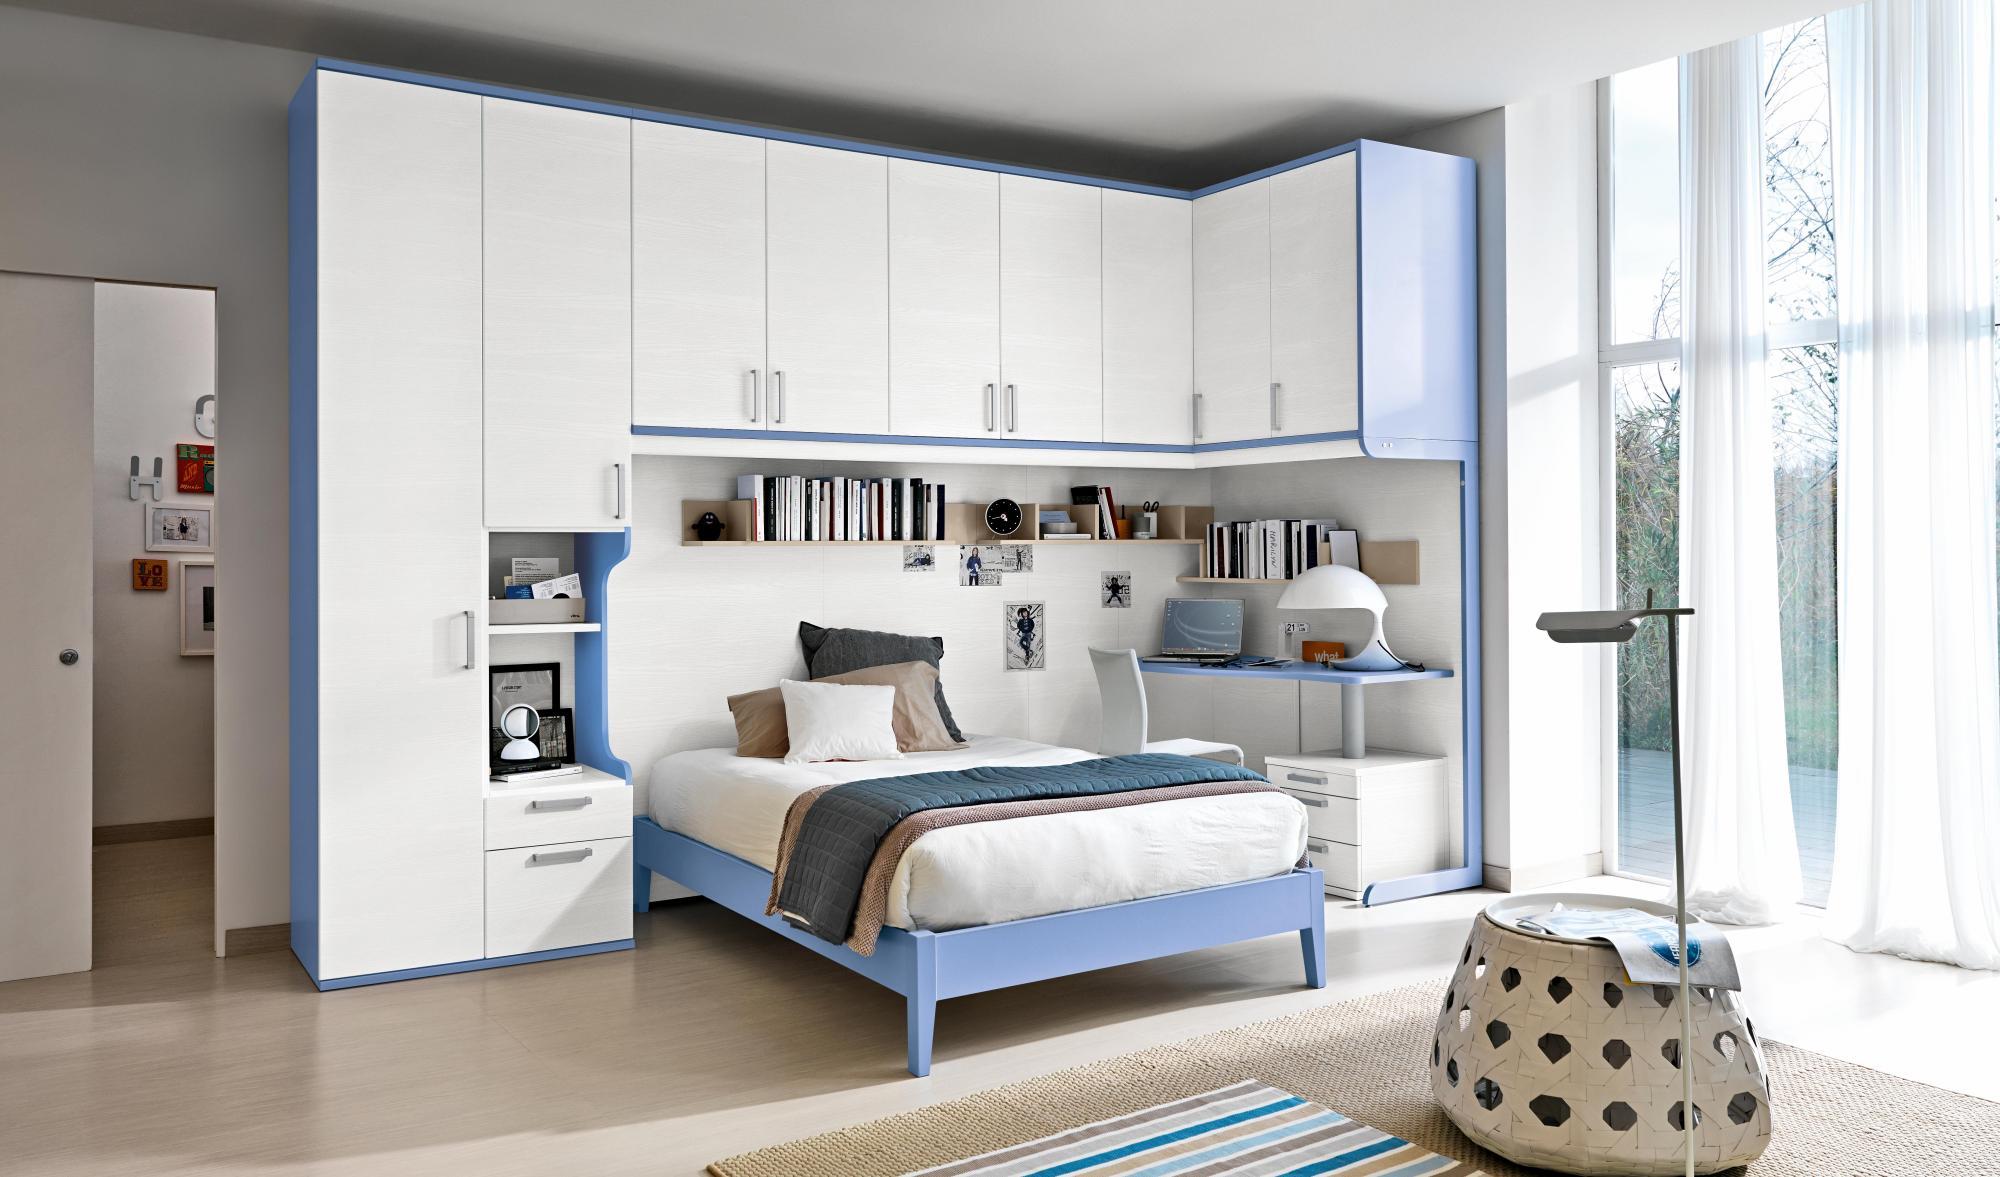 Dormitorios infantiles y juveniles claves decorativas for Deco dormitorios infantiles